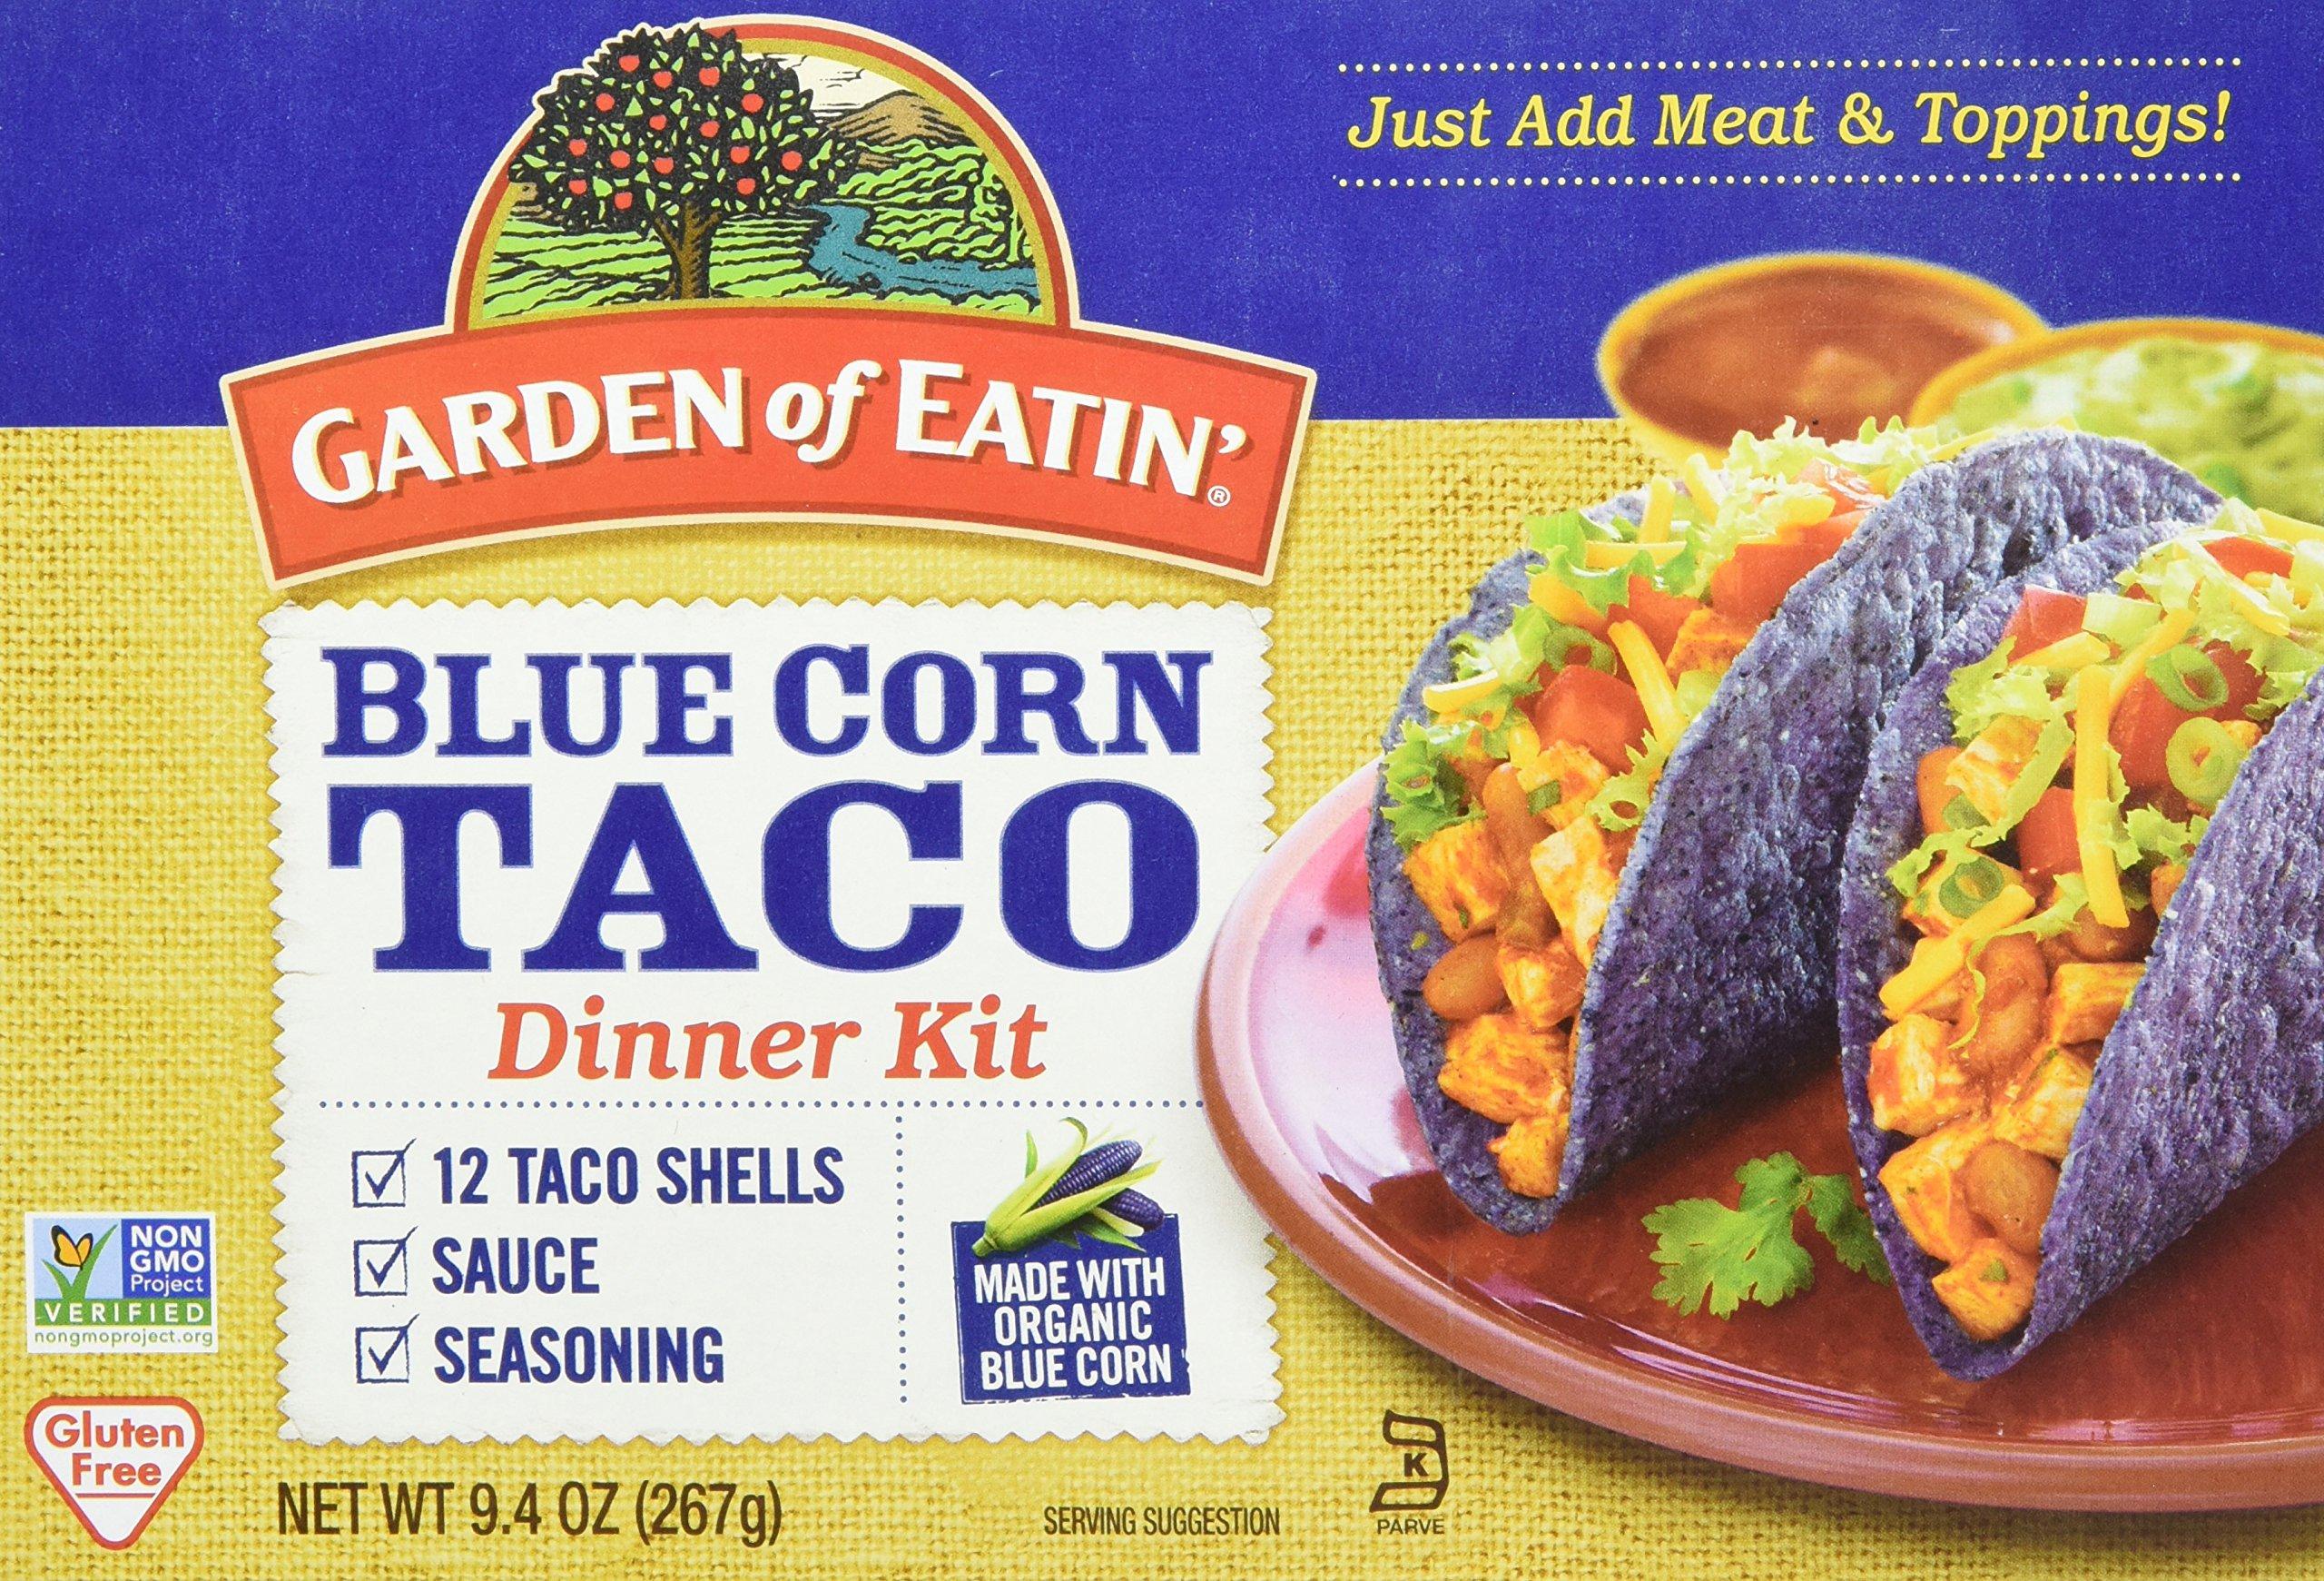 Garden of Eatin' Blue Corn Taco Dinner Kit, 9.4 oz.